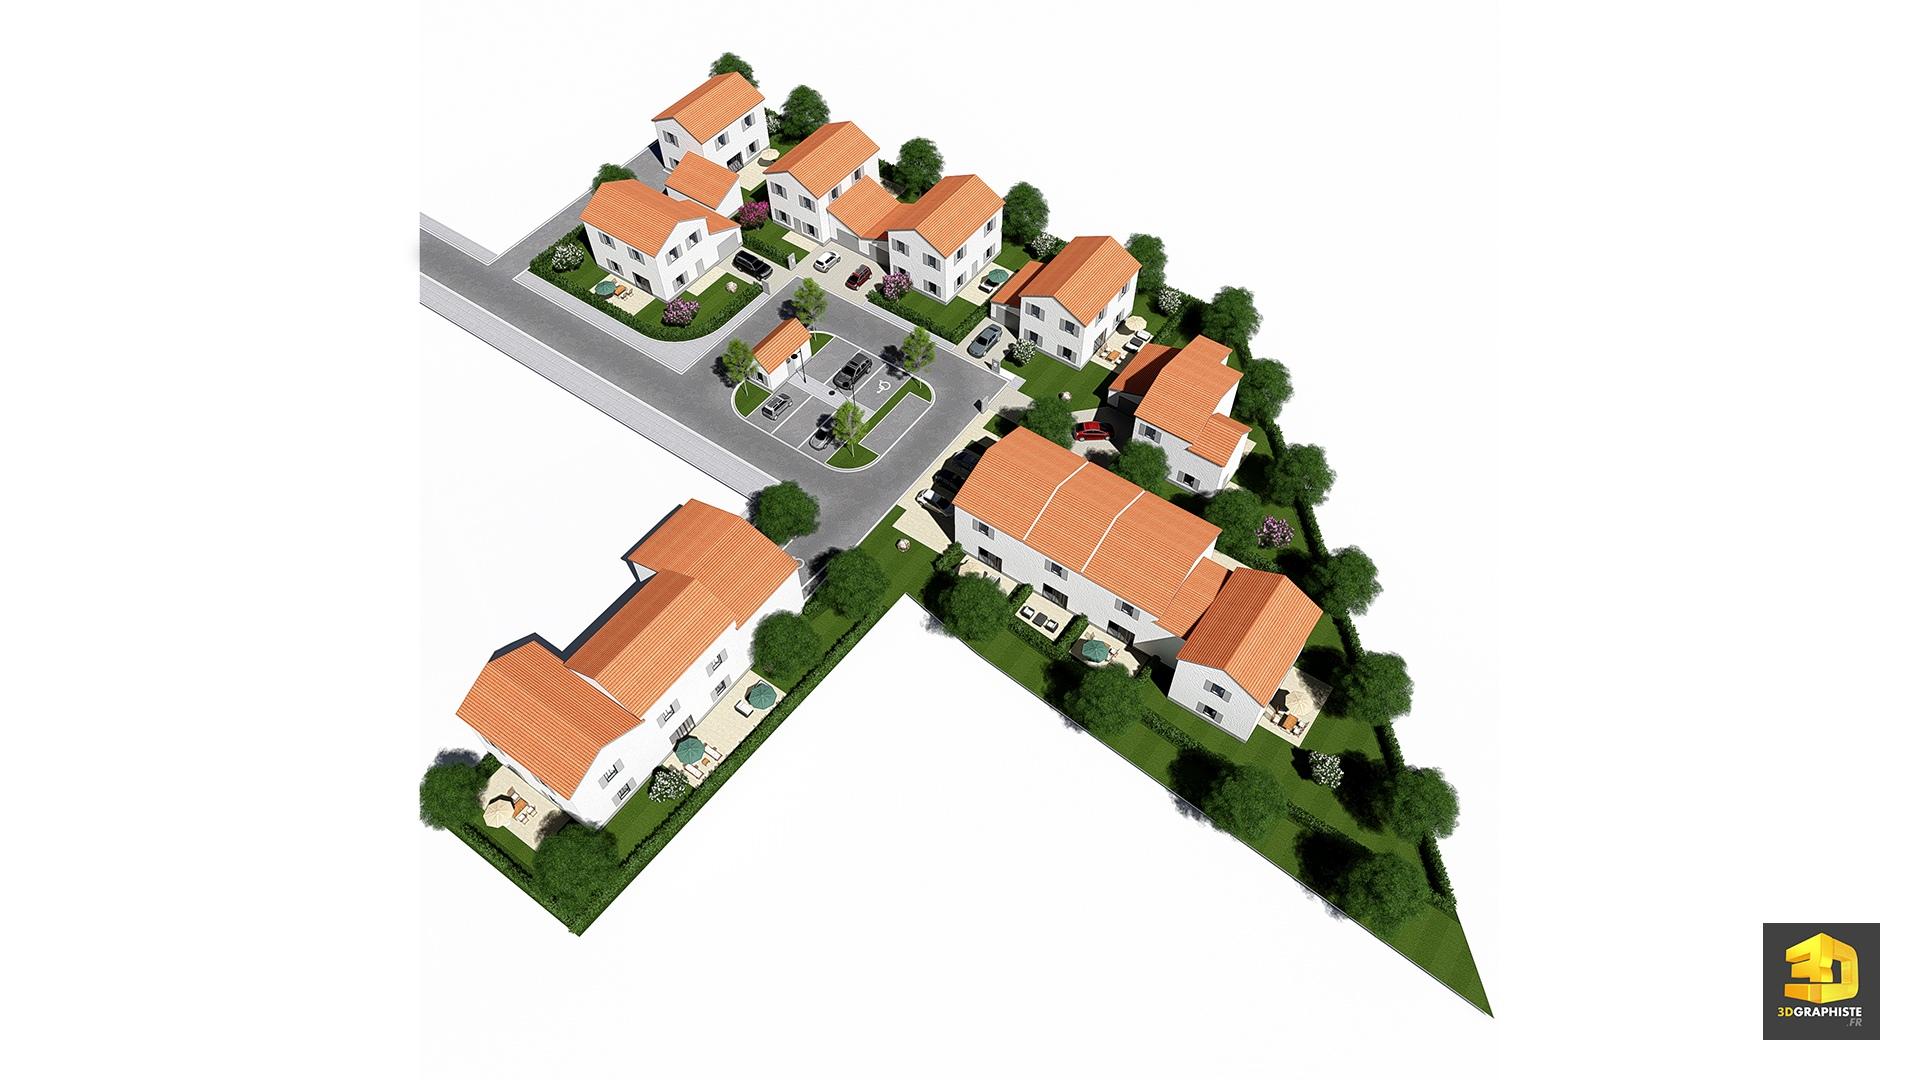 Mesolia plan de masse de lotissement sur le terrain réalisation dun projet de 9 lots o 8 lots comportant chacun une maison individuelle o 1 lot de 4